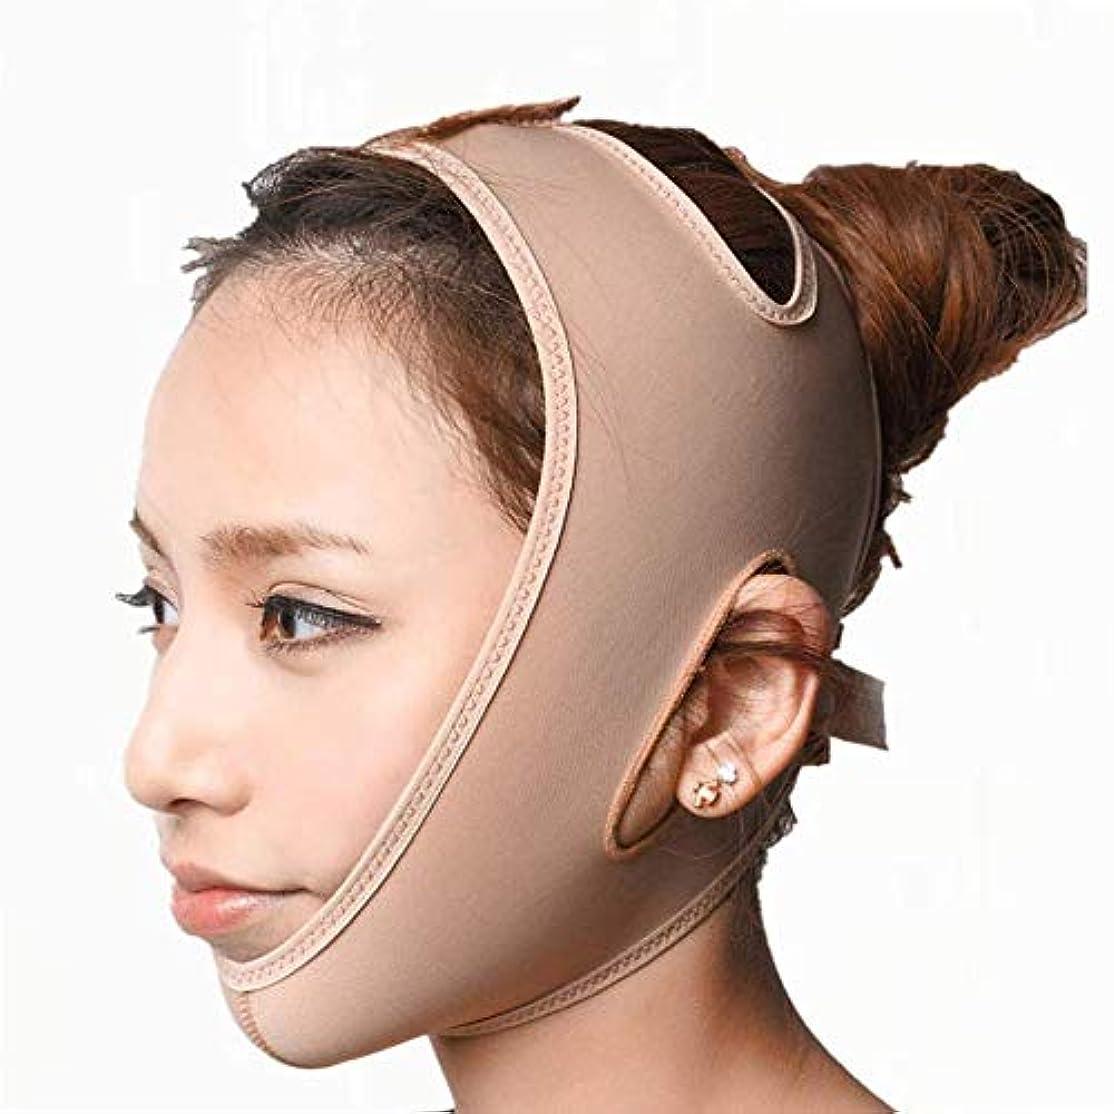 開始レバーロケットWSJTT 女性のための手術後のチンストラップ包帯 - 首とあごの圧縮衣服ラップ - フェイススリム、Jowl引き締め、チンリフティング医療アンチエイジングマスク